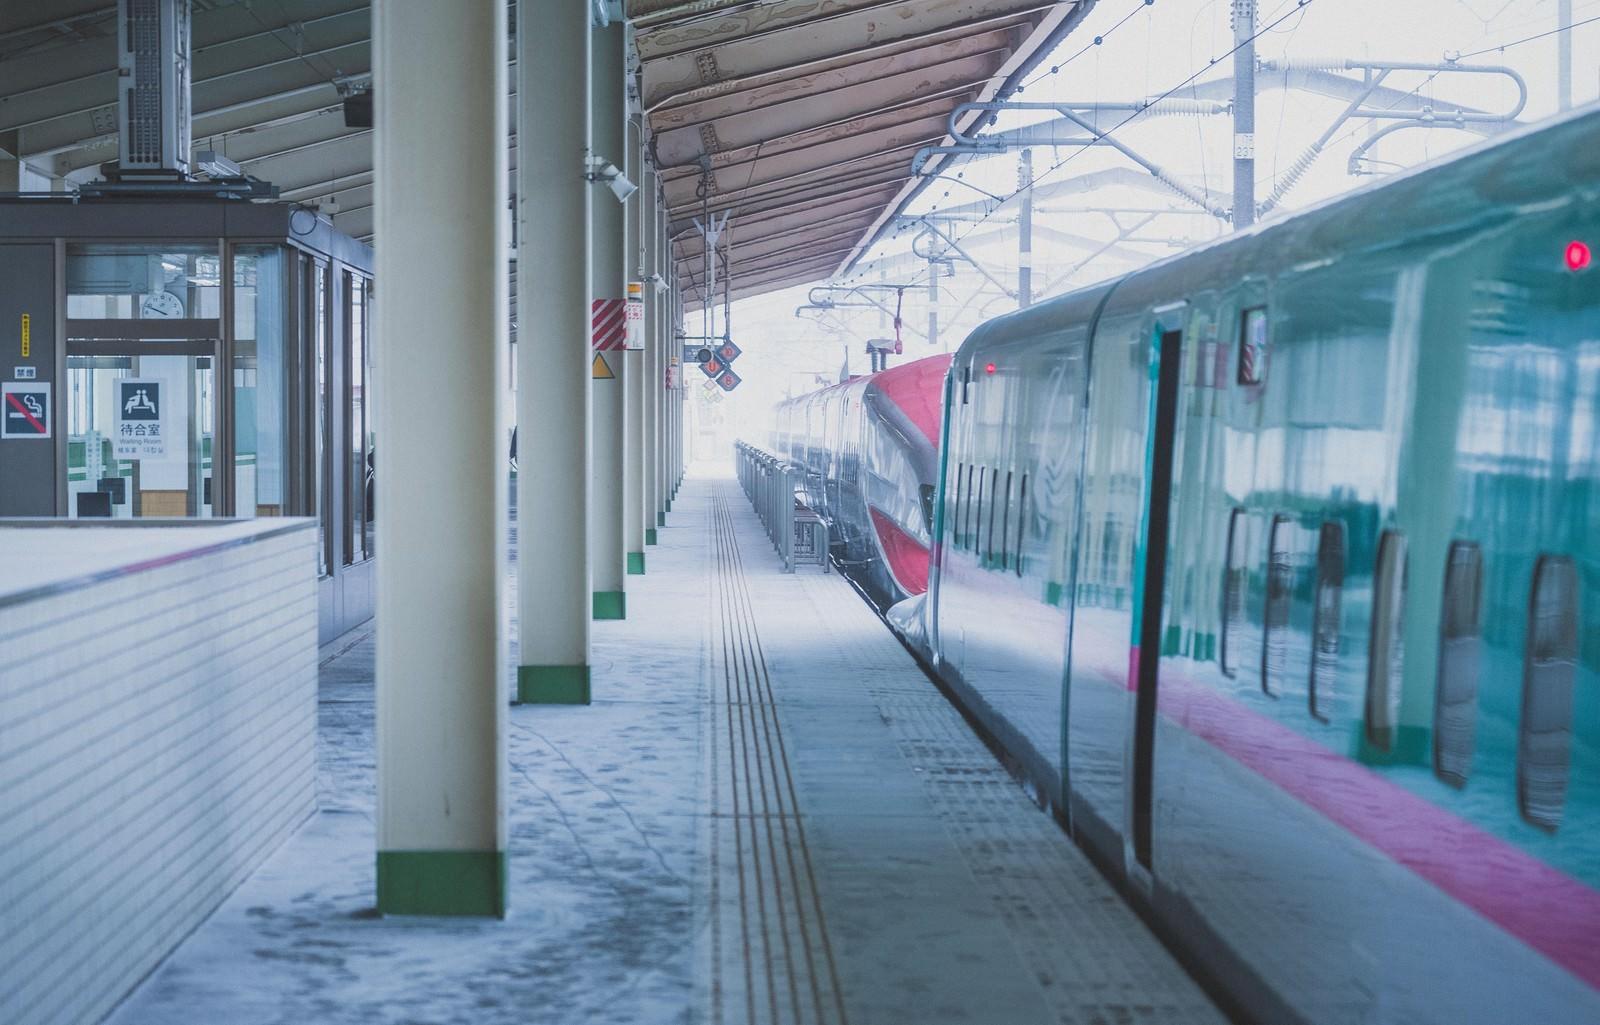 「積雪とホームの電車」の写真